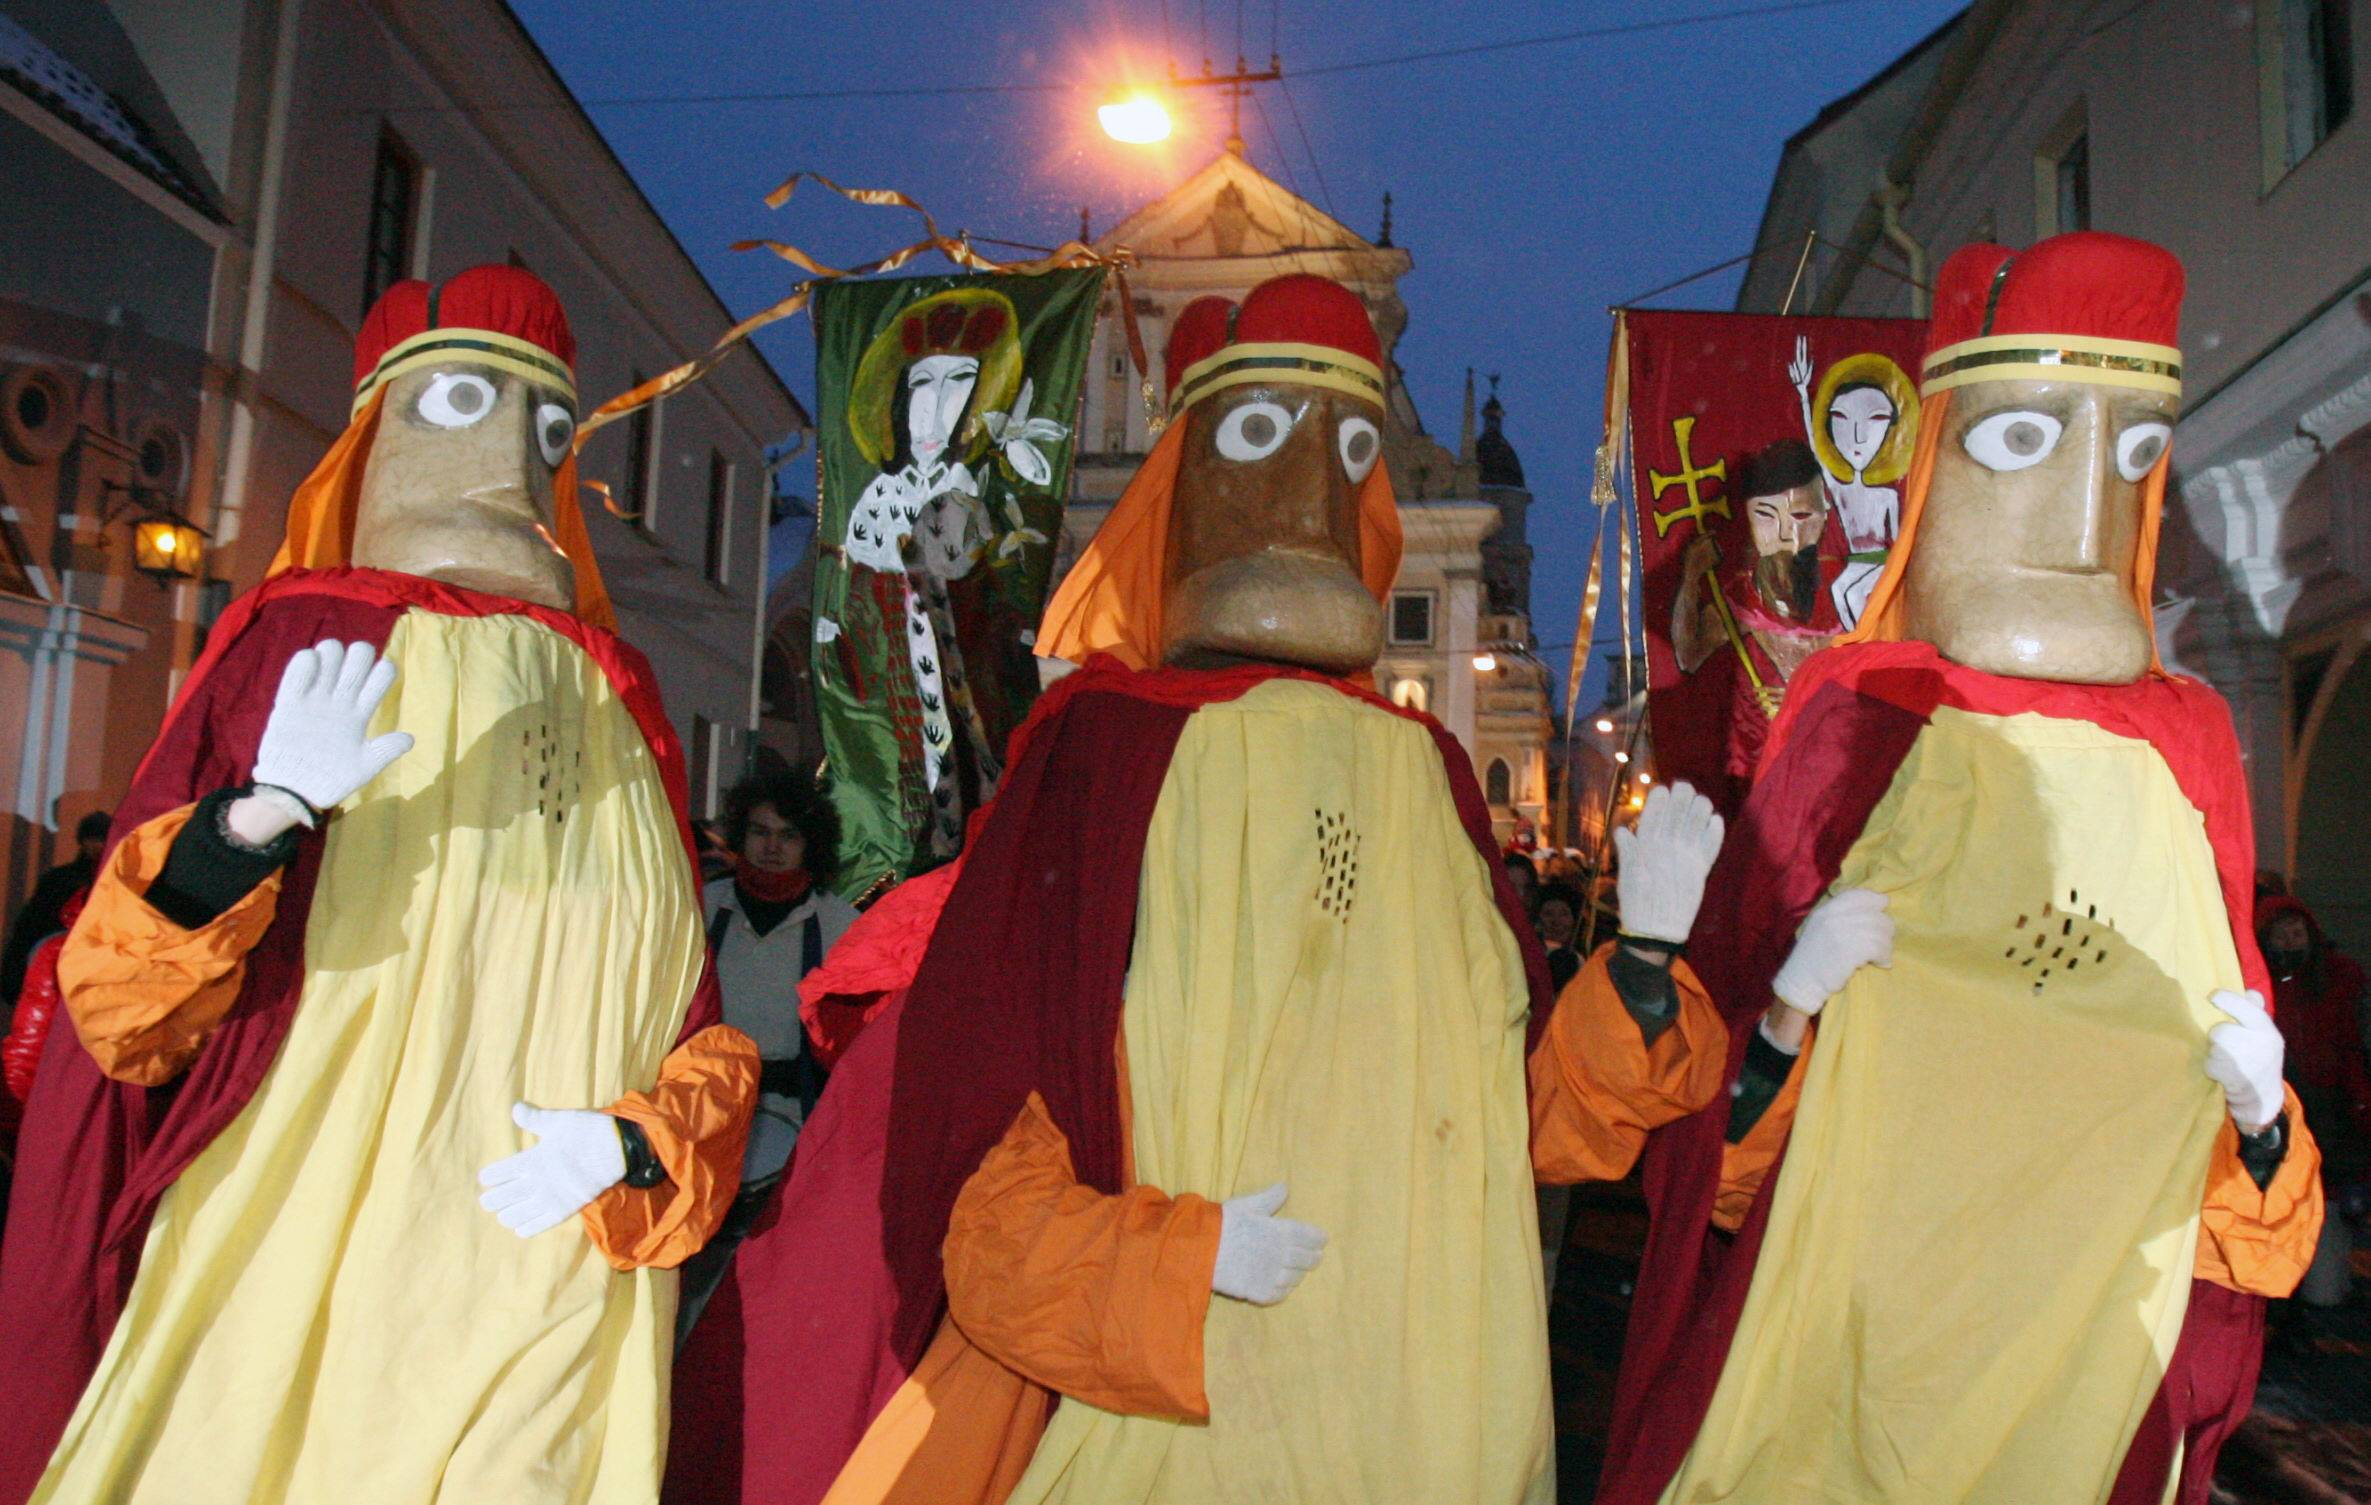 Нельзя пропустить: день трех королей-магов, 6 января - путеводитель барселона тм